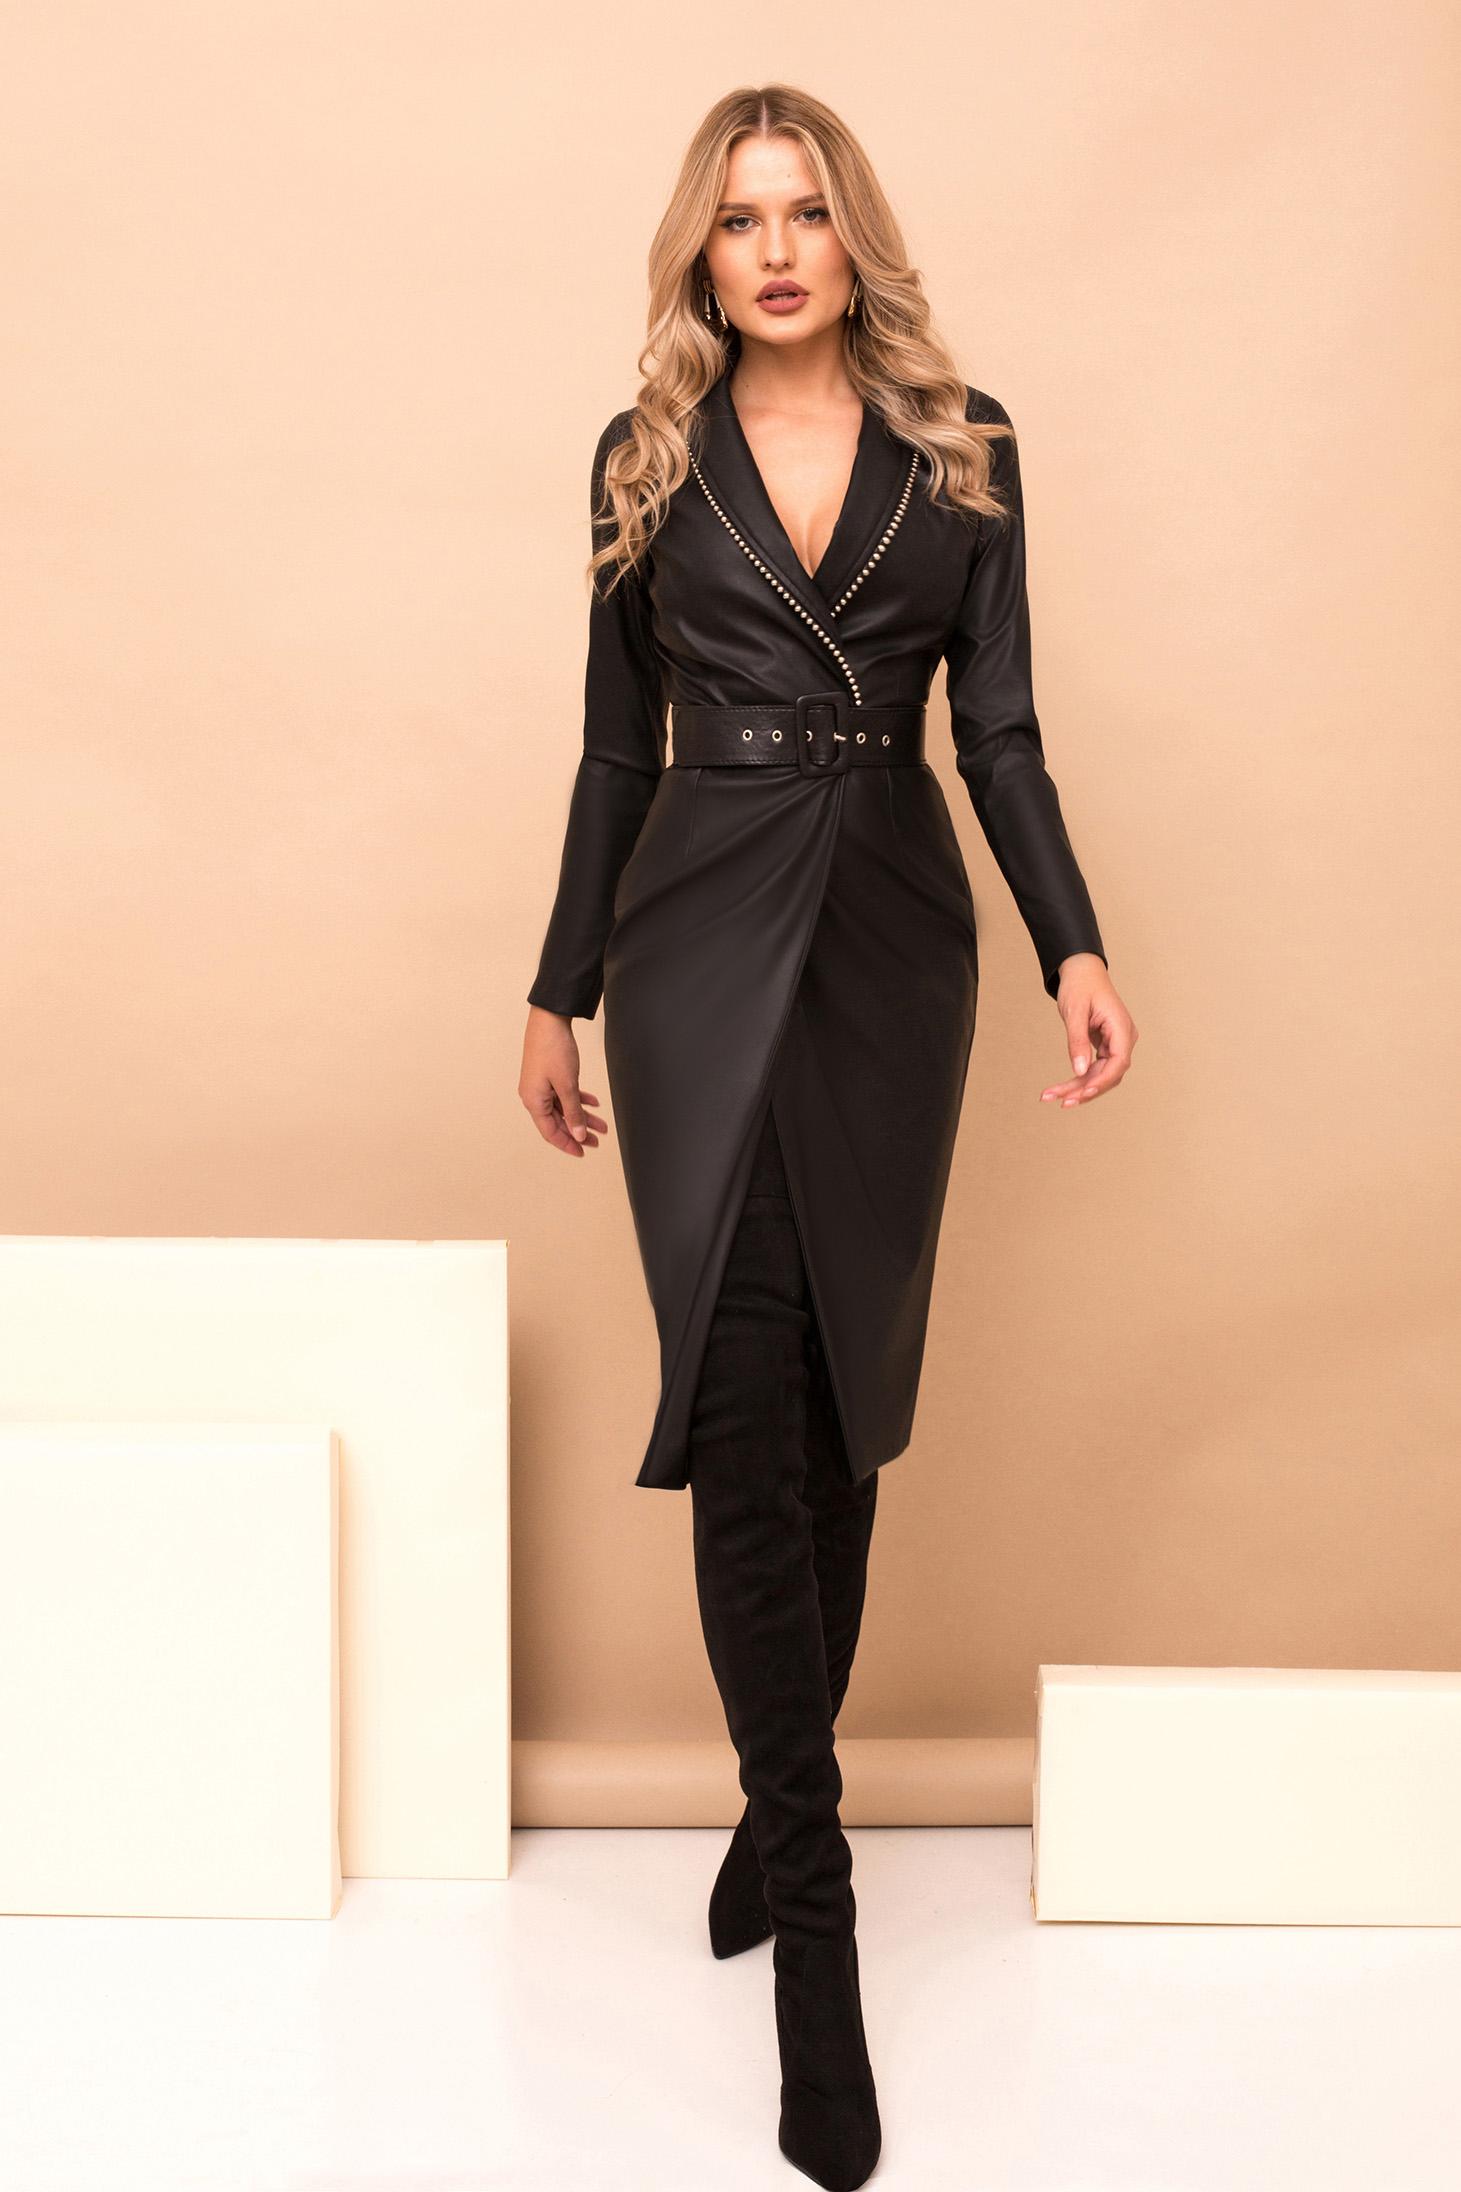 Fekete midi elegáns szintetikus bőr átlapolt ceruza ruha öv típusú kiegészítővel v-dekoltázzsal hosszú ujjakkal